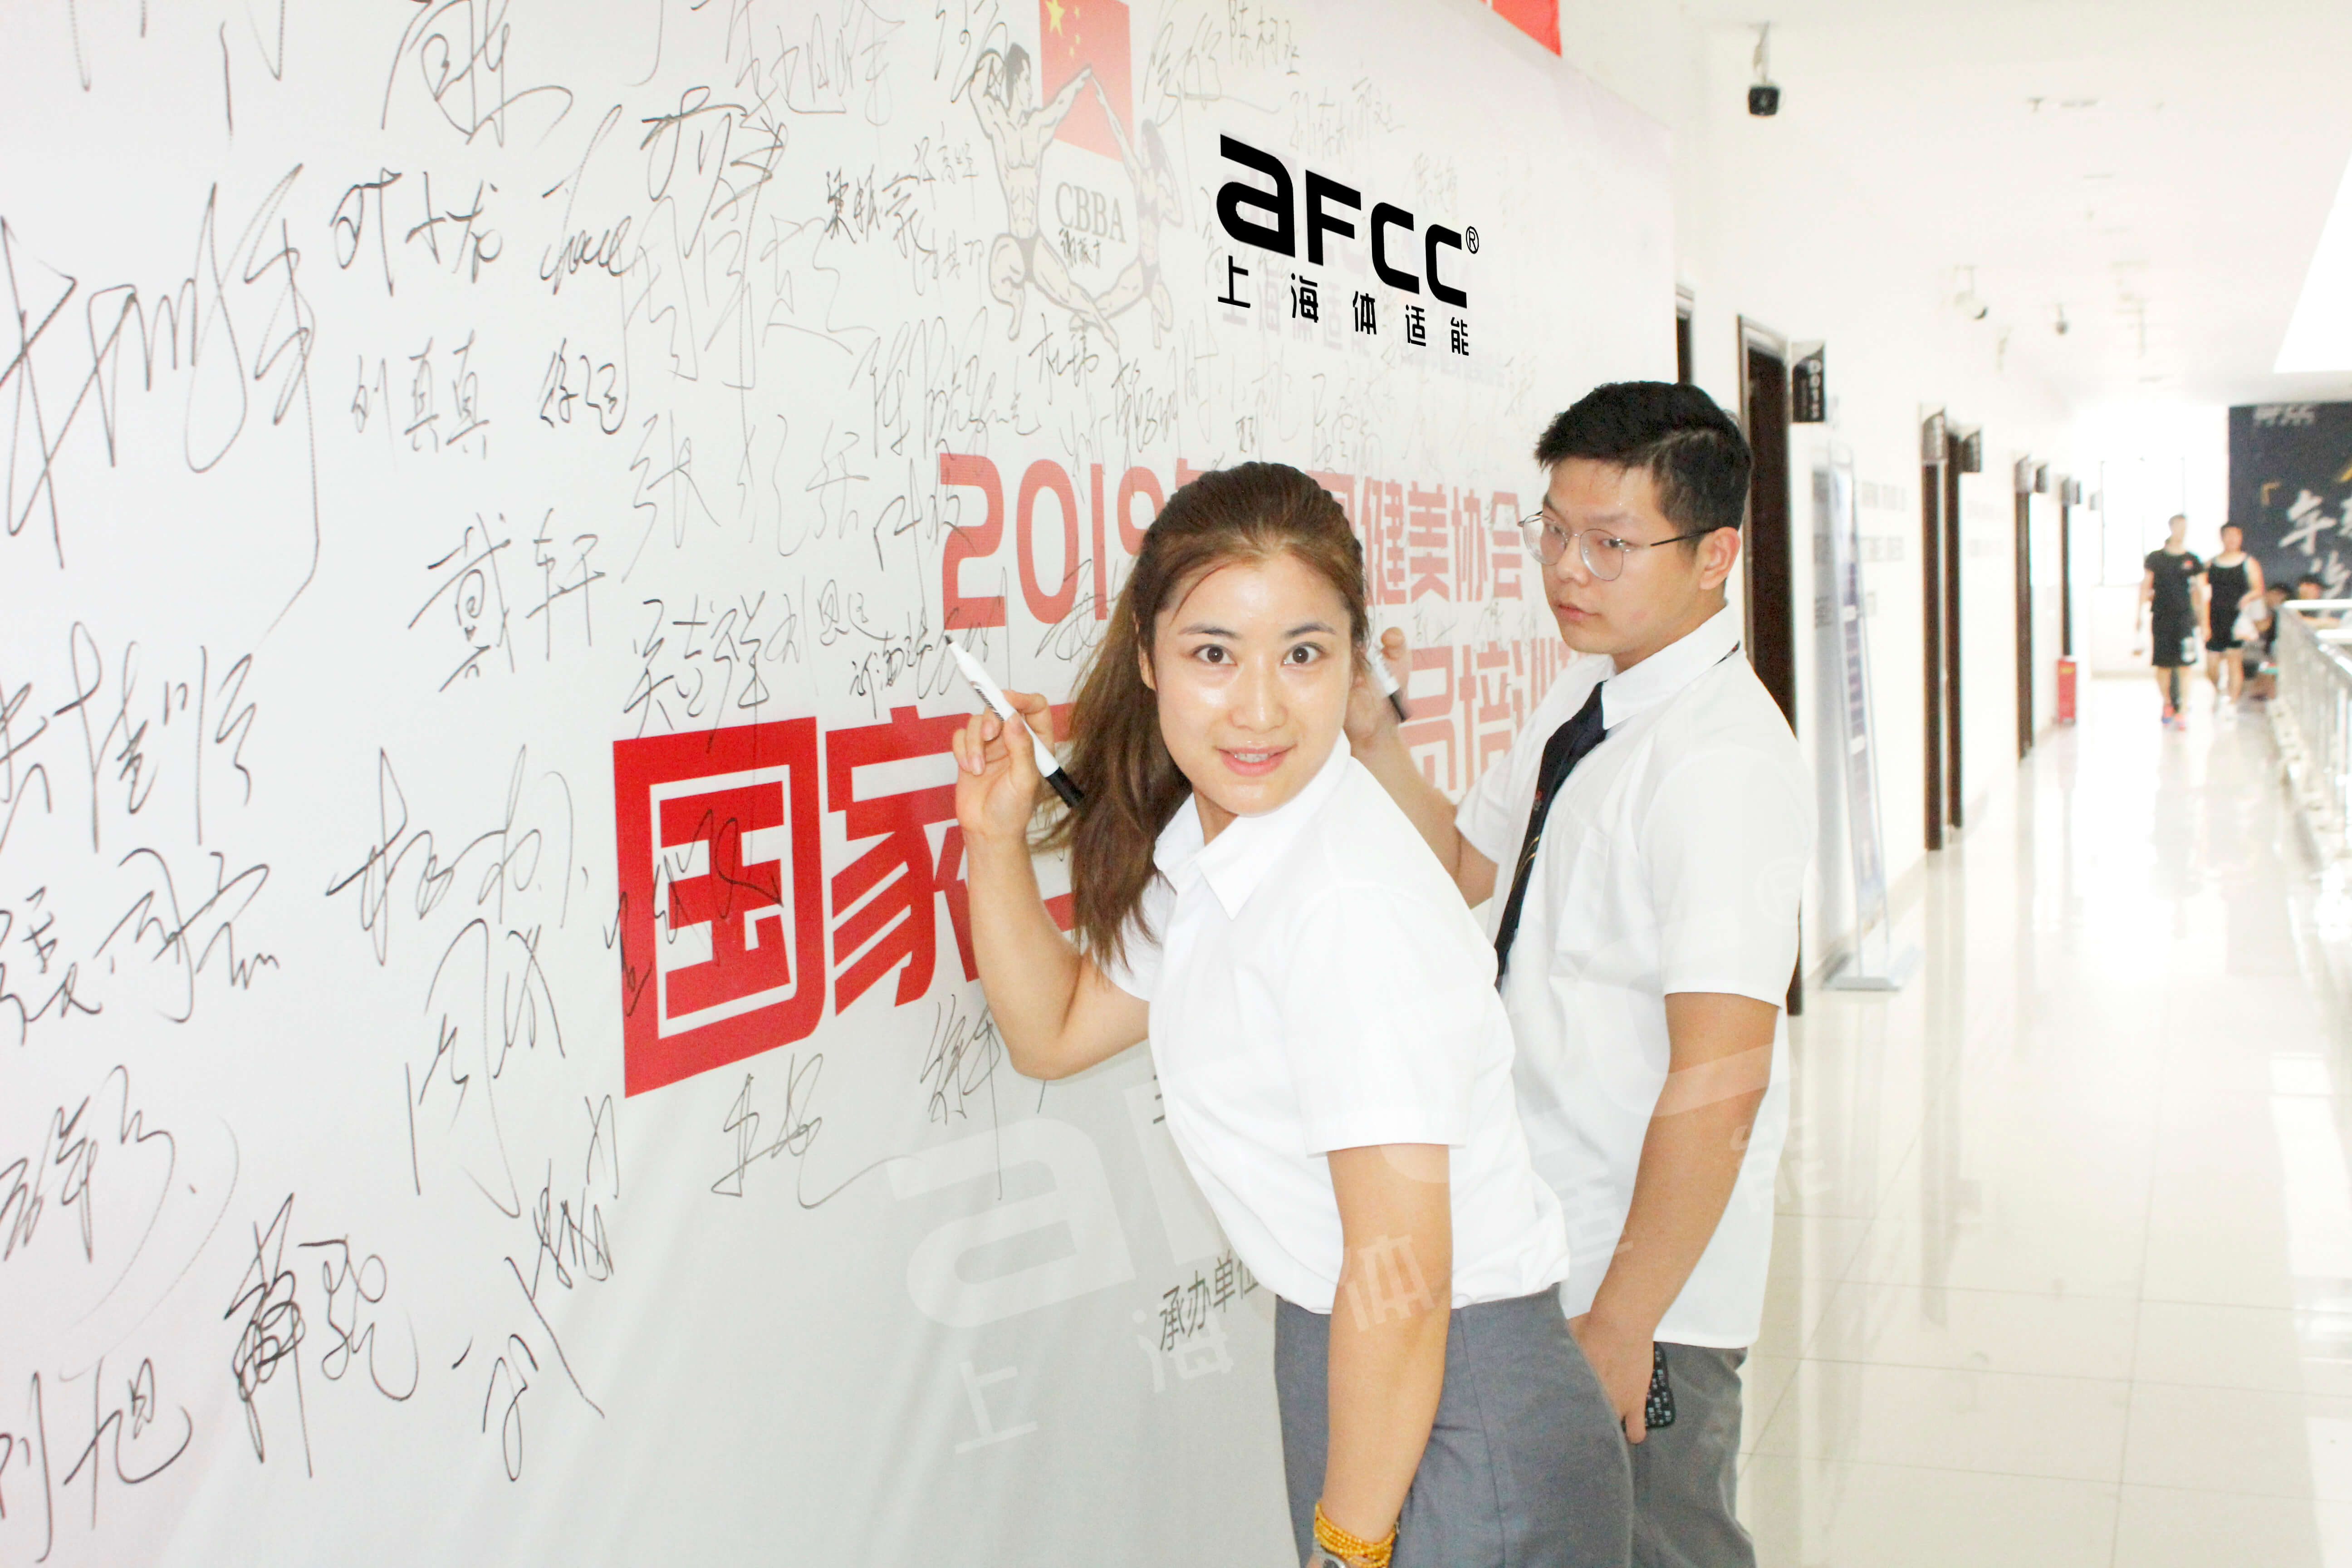 上海体适能二级裁判员课程学员在签名